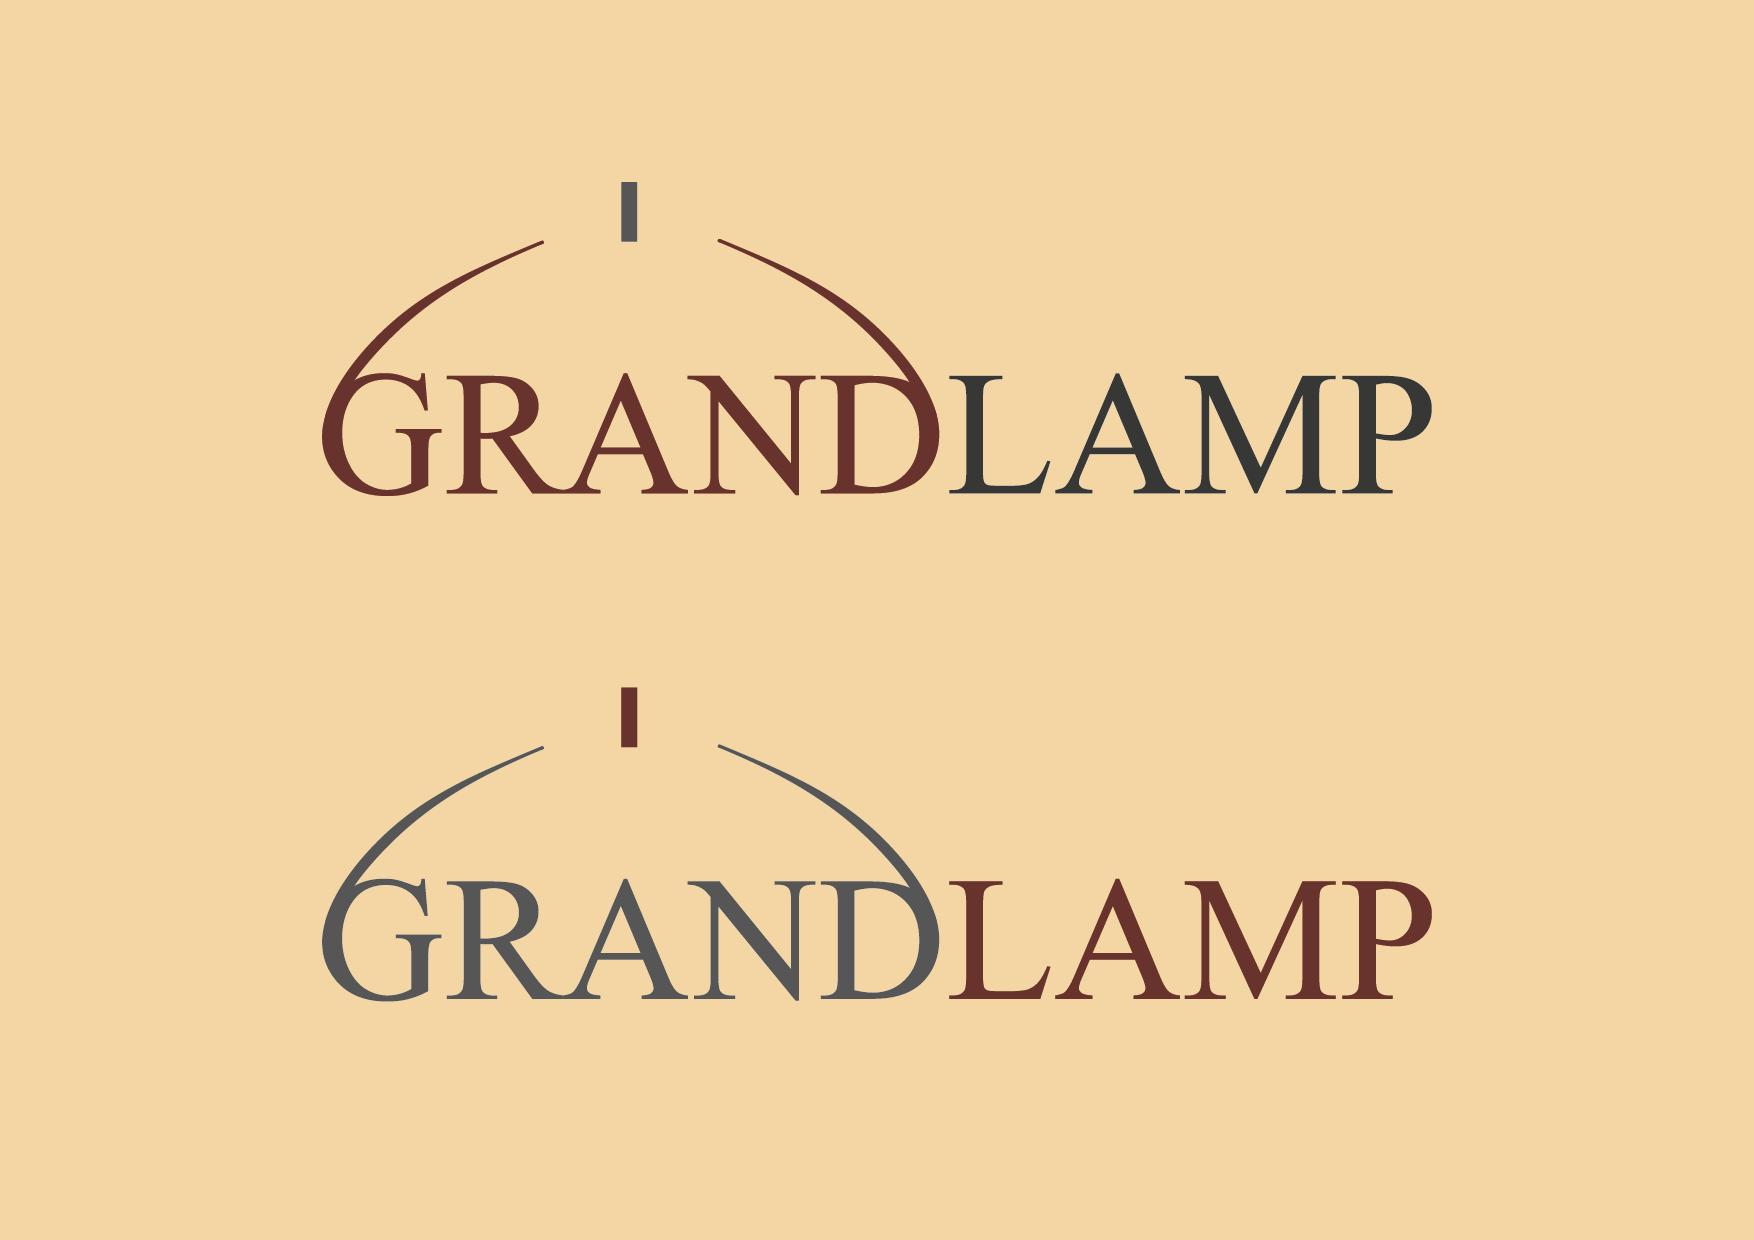 Разработка логотипа и элементов фирменного стиля фото f_69157e44e7d3401c.png